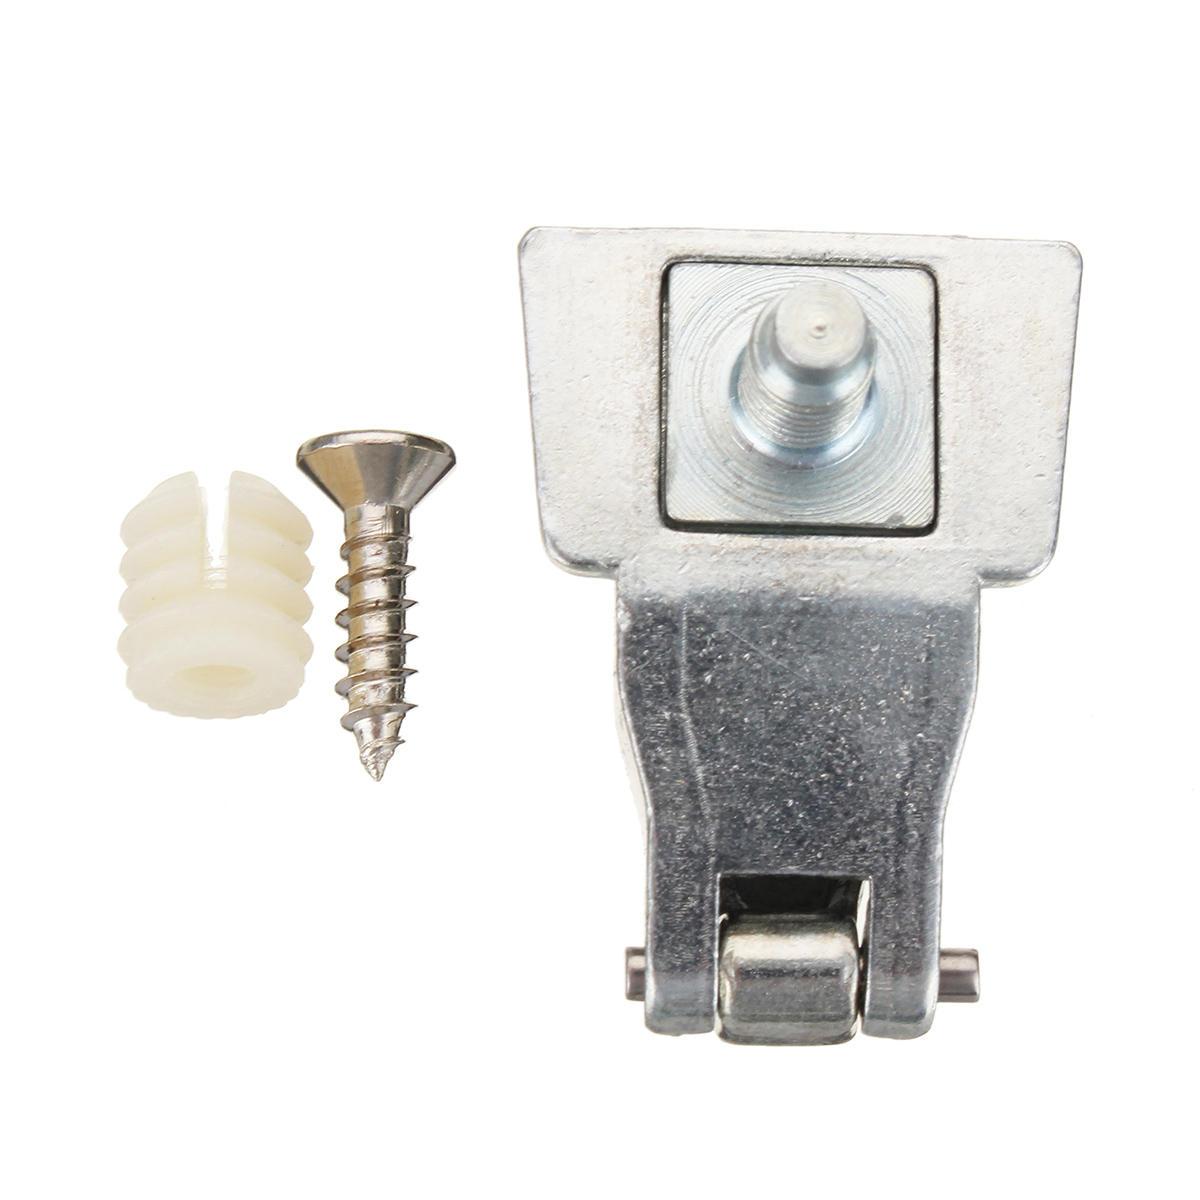 Herramienta de Reparación de Bisagra de Manija de la Puerta Exterior de metal de Cromo OS / NS Para FIAT 500 51964555